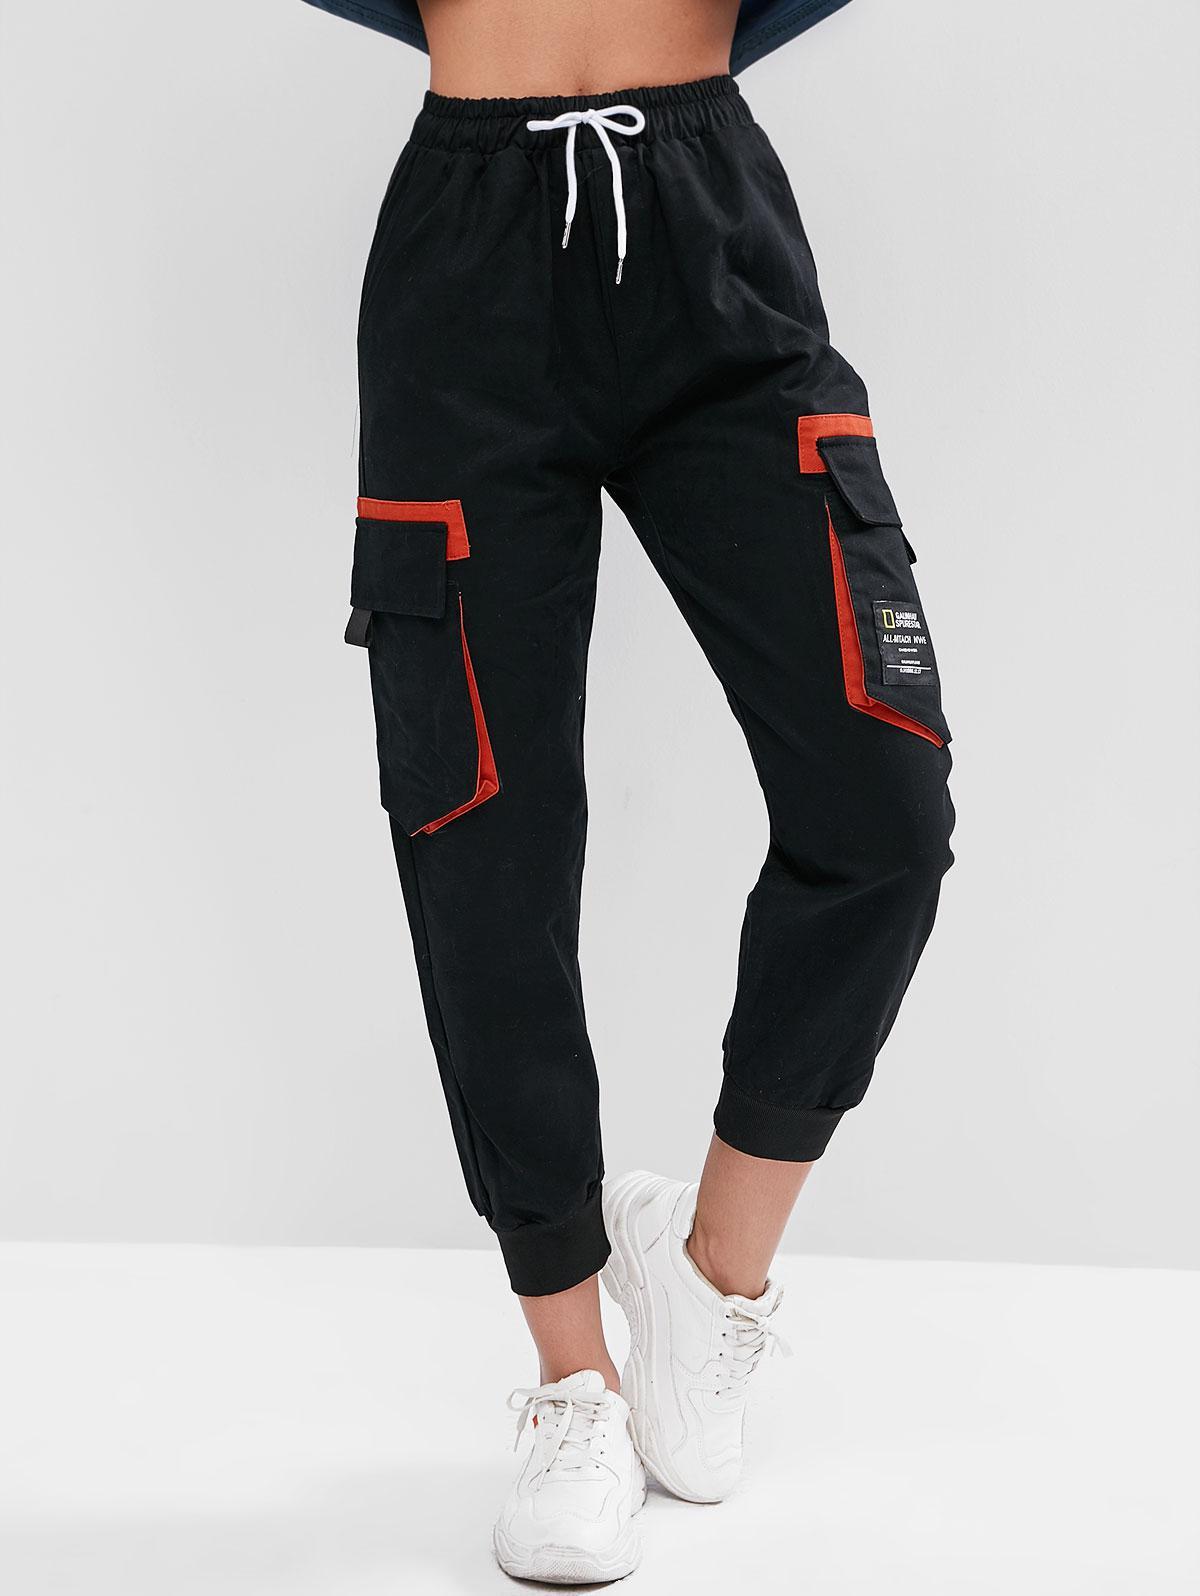 Drawstring Slogan Patched Flap Pockets Jogger Pants